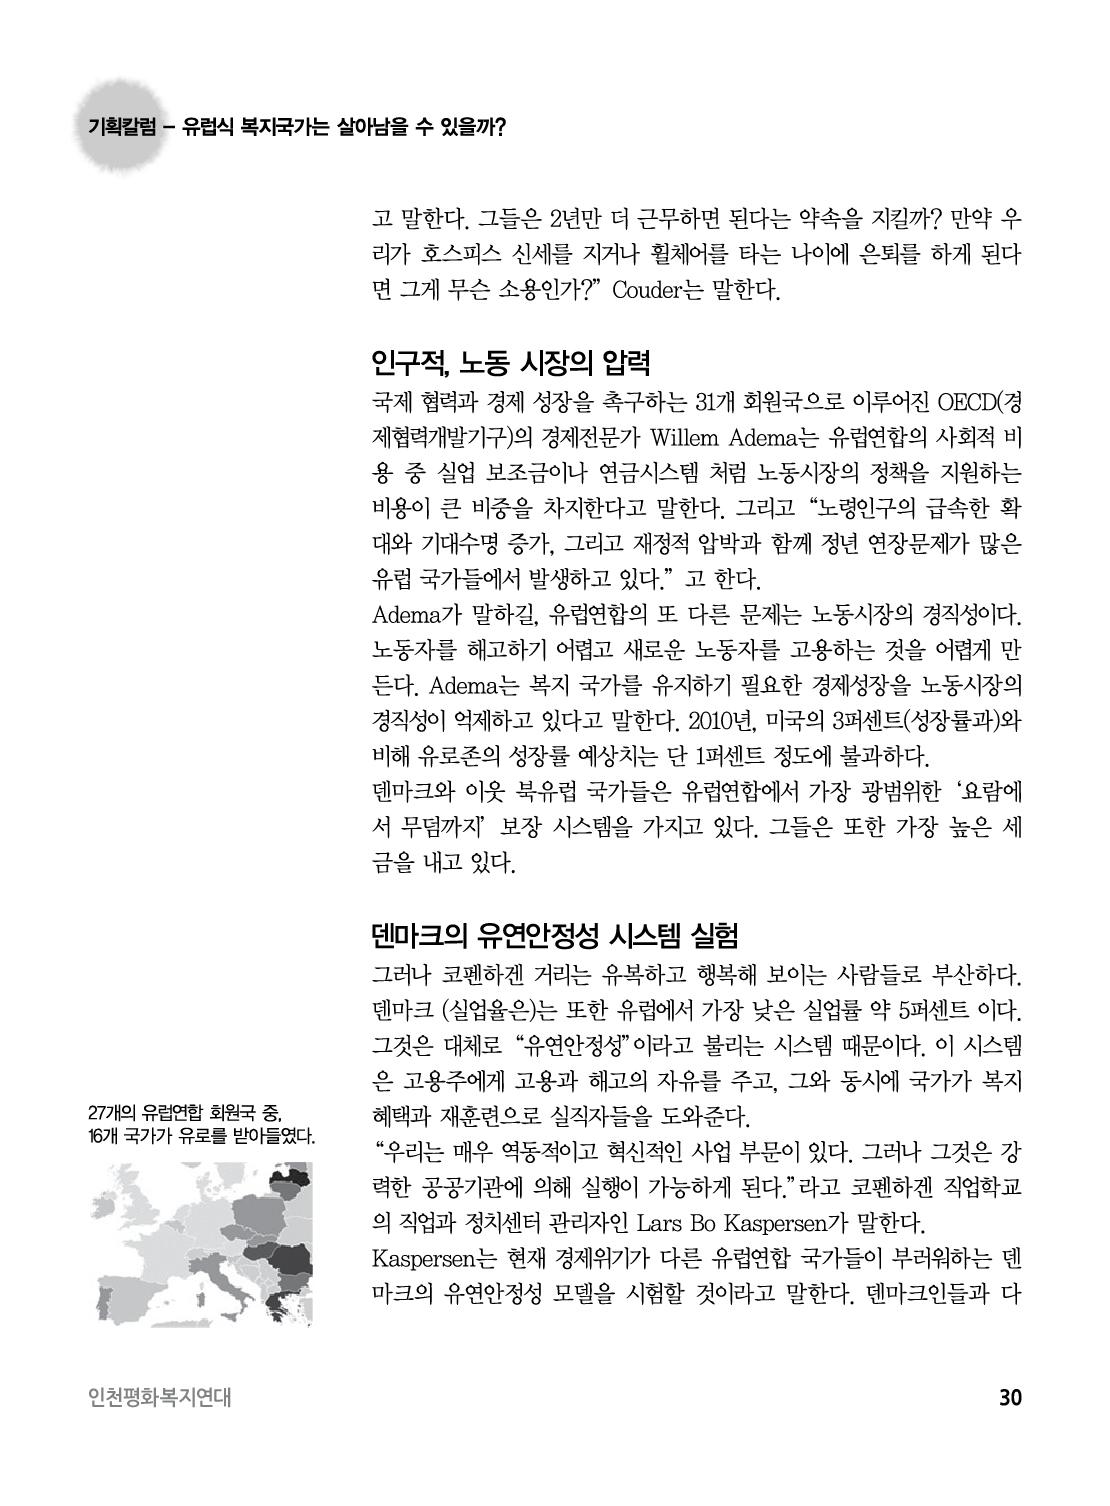 아웃라인 인천평화복지연대 소식지창간준비3호30.jpg